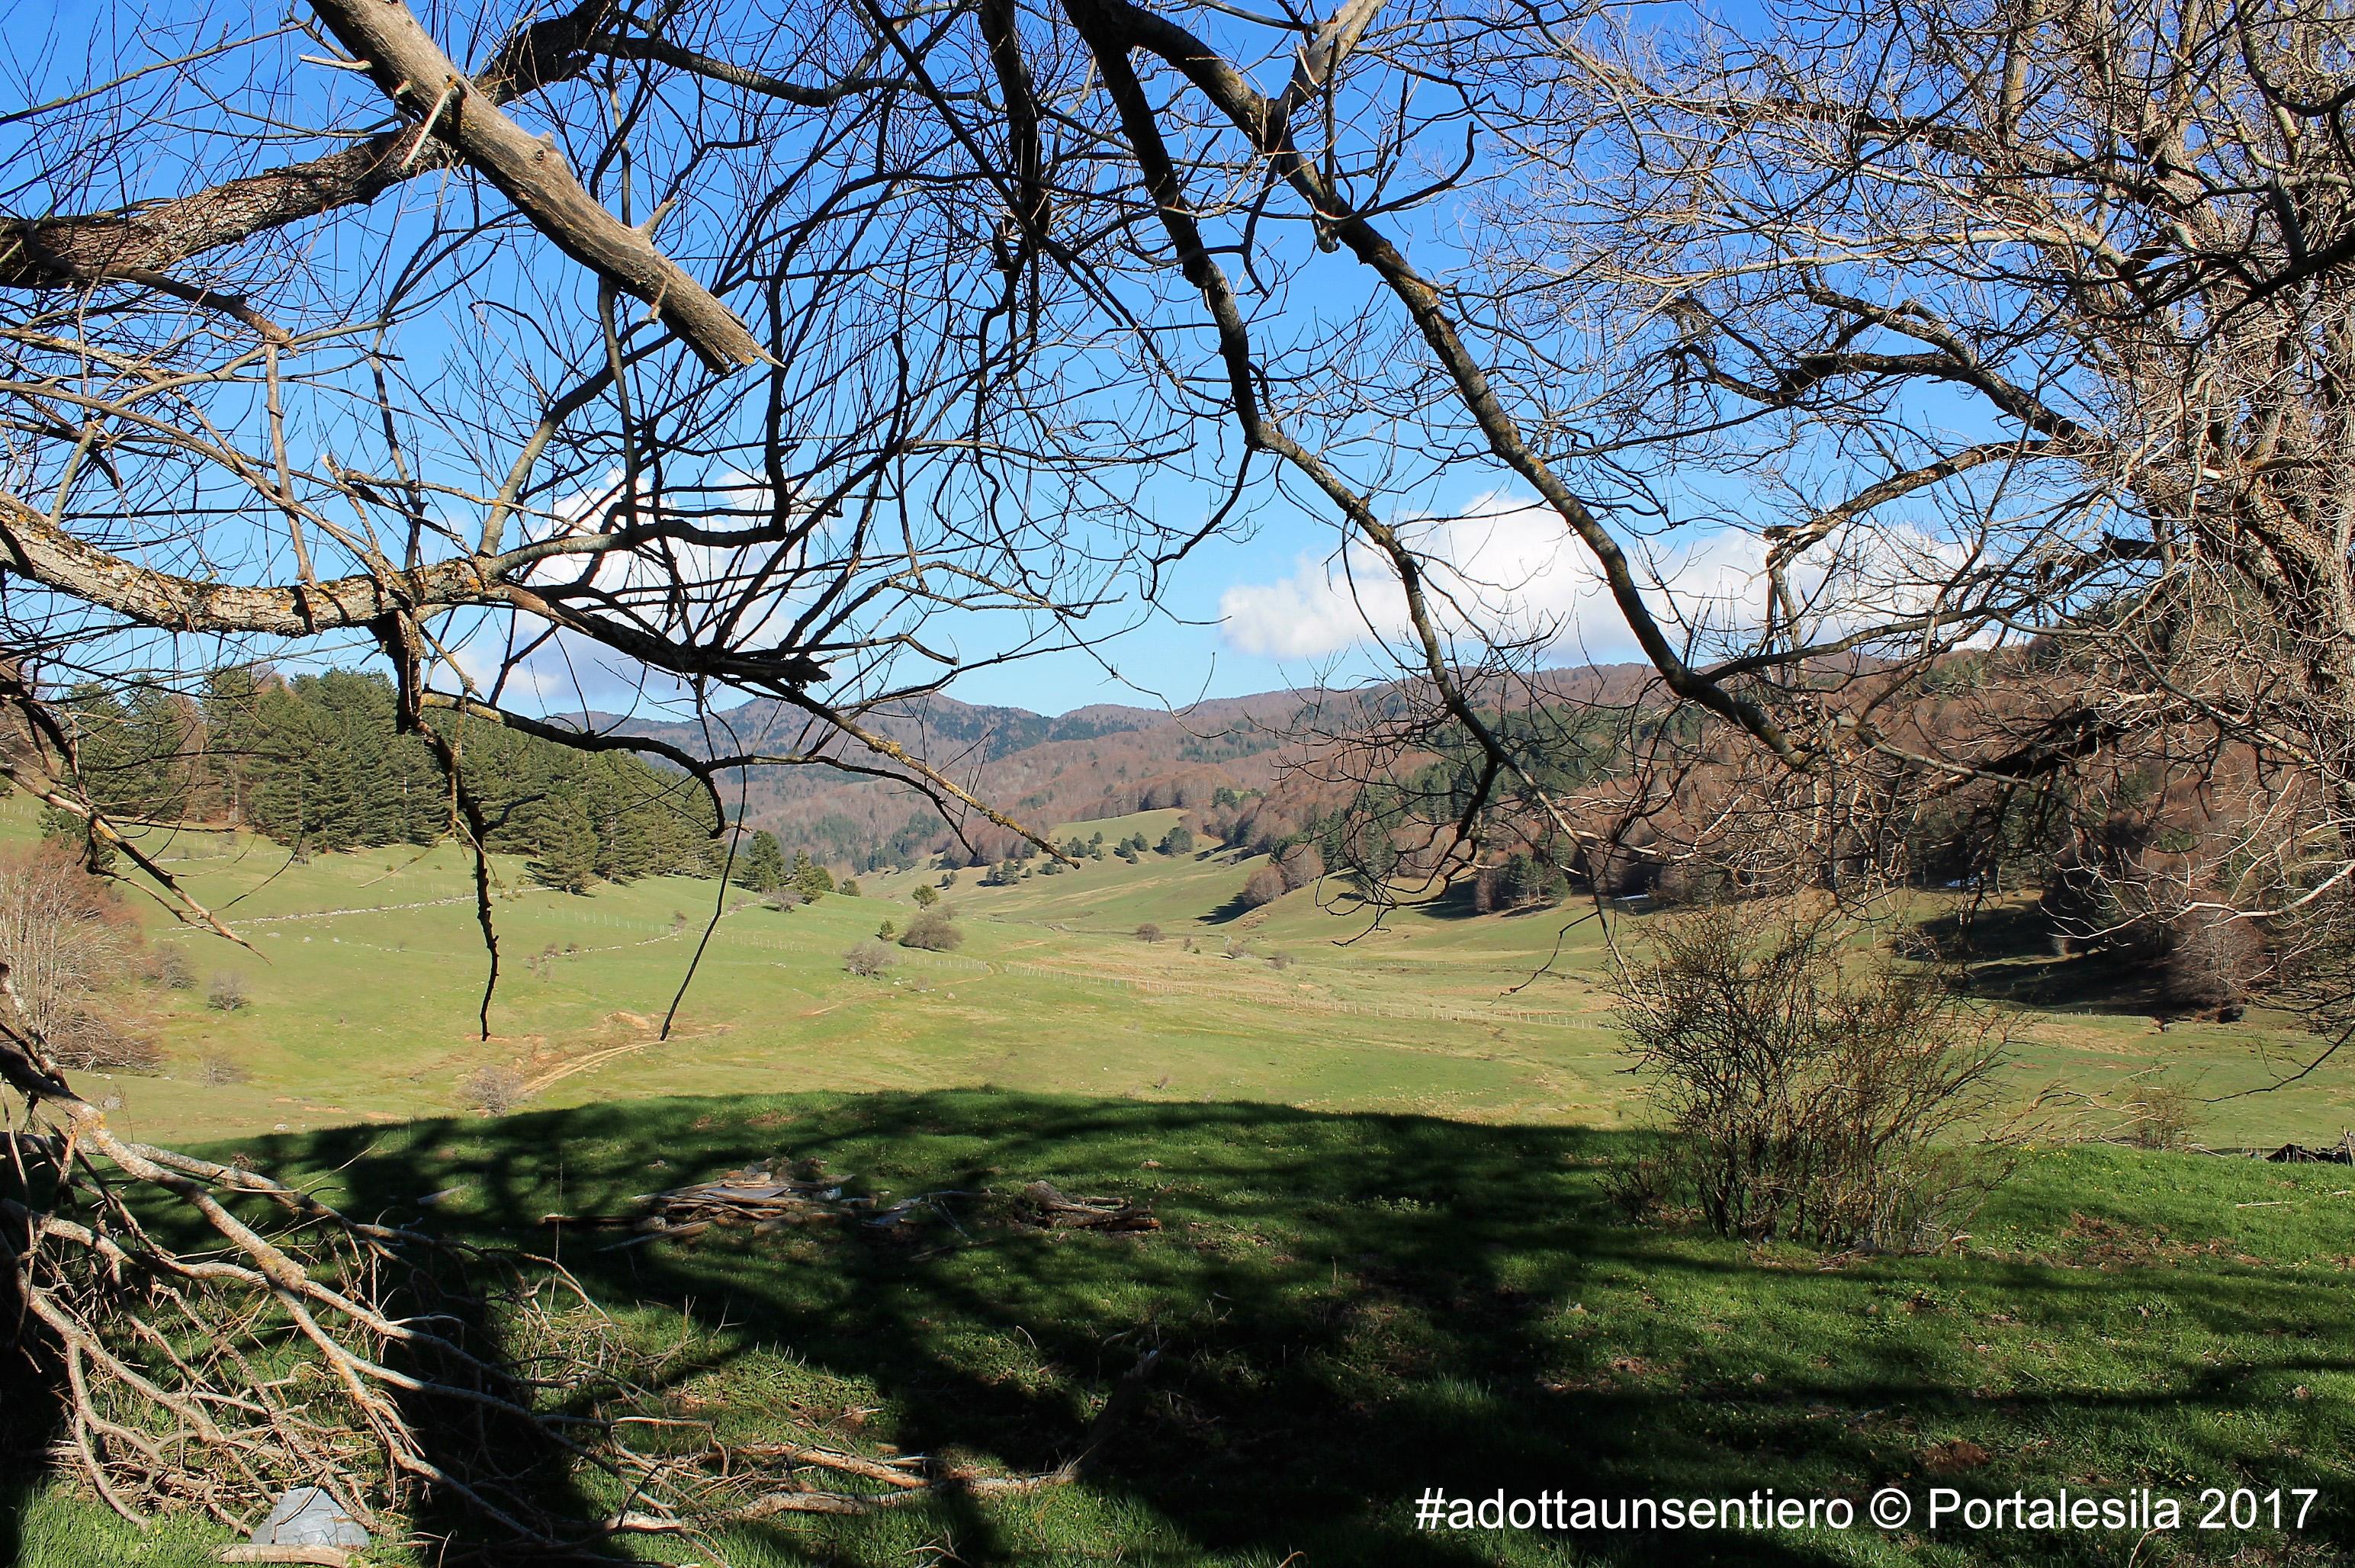 Vista panoramica dalla vaccheria alta con alberi secolari